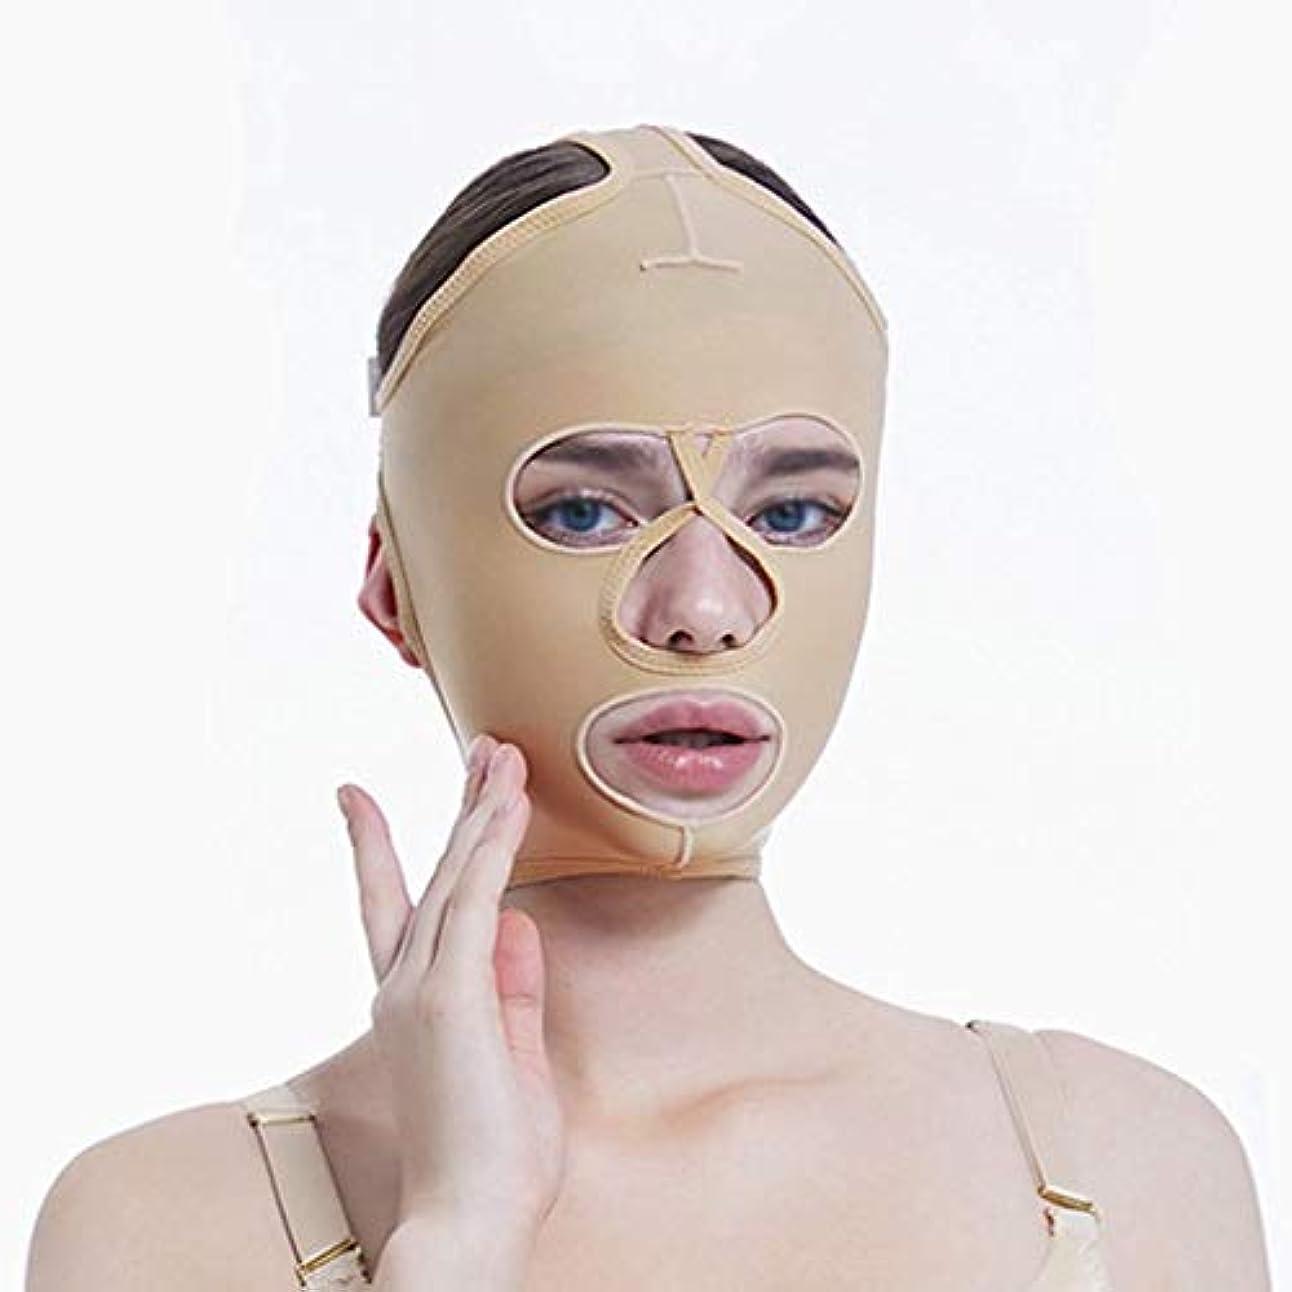 ペルー発掘高架チンリフティングベルト、超薄型ベルト、引き締めマスク、包帯吊り、フェイスリフティングマスク、超薄型ベルト、通気性(サイズ:L),ザ?